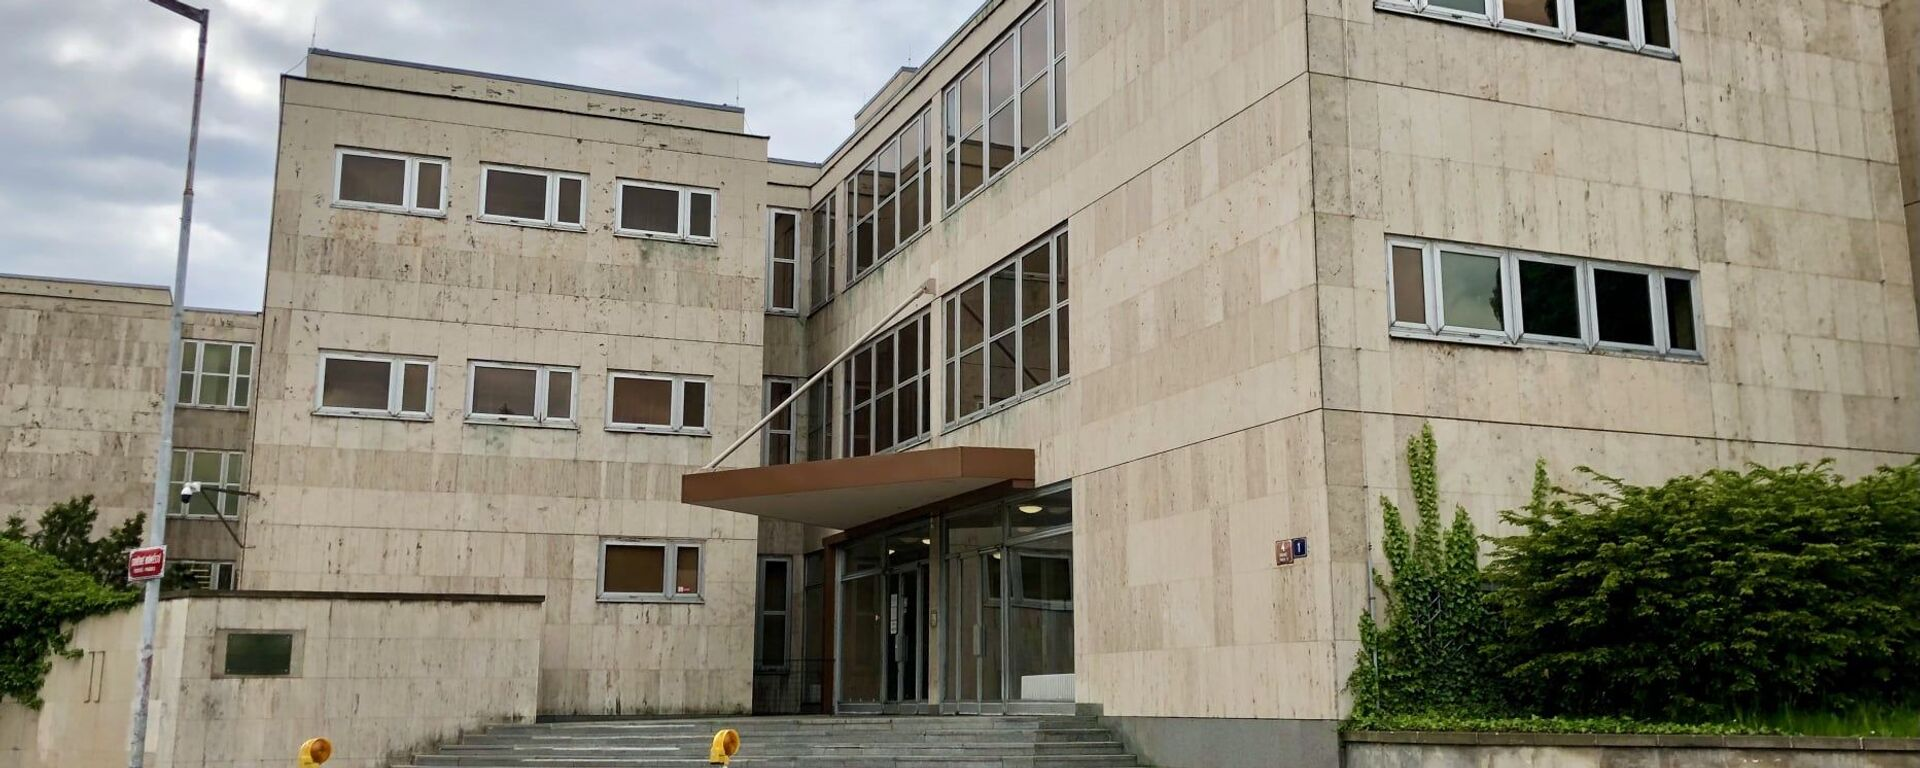 Střední škola při Velvyslanectví Ruska v Praze - Sputnik Česká republika, 1920, 30.08.2021